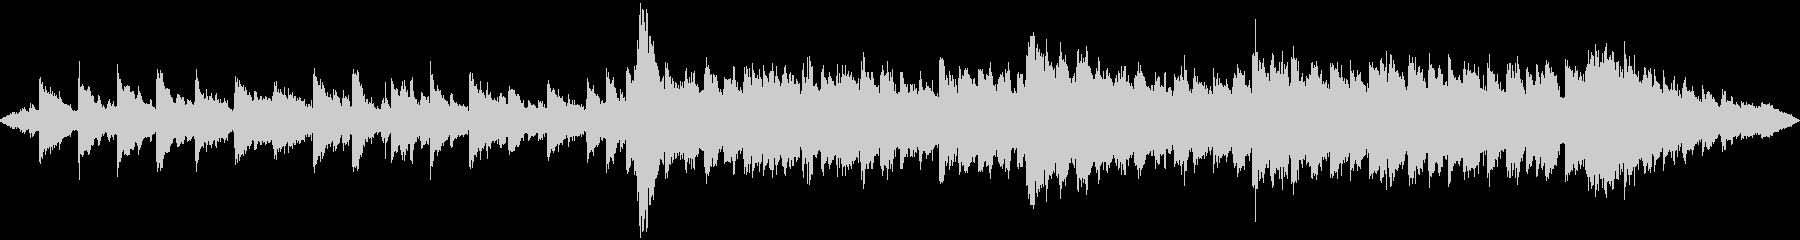 ピアノのハーモニー重視のスロー曲です。の未再生の波形